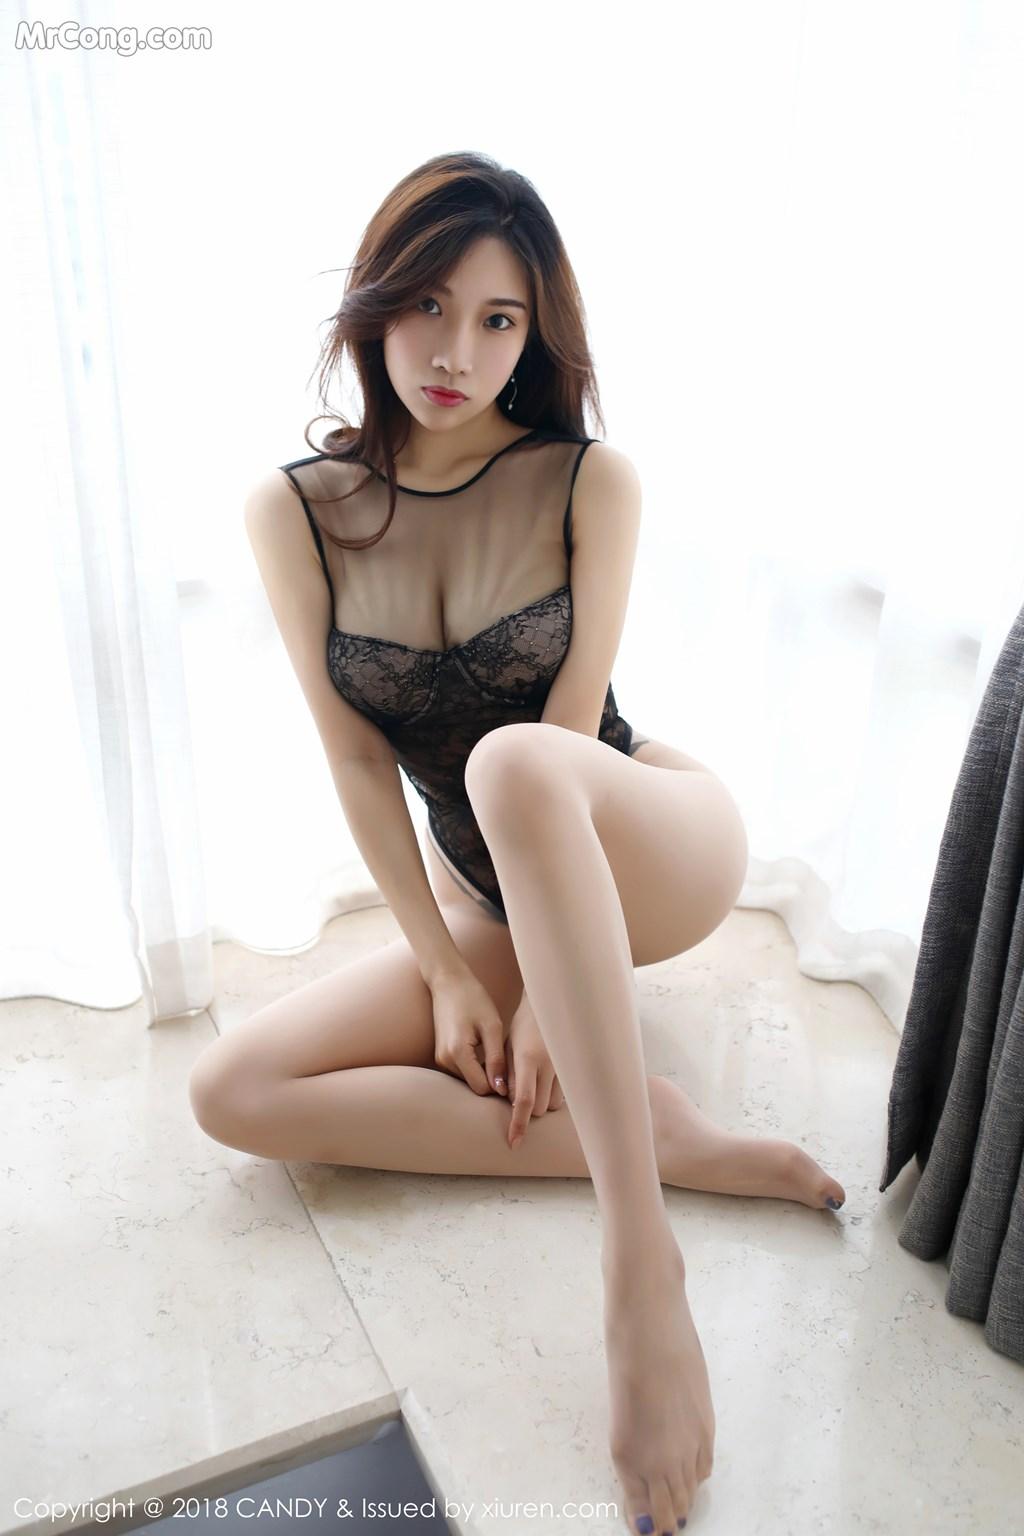 Image CANDY-Vol.065-Xiao-Hu-Li-Kathryn-MrCong.com-007 in post CANDY Vol.065: Người mẫu Xiao Hu Li (小狐狸Kathryn) (47 ảnh)